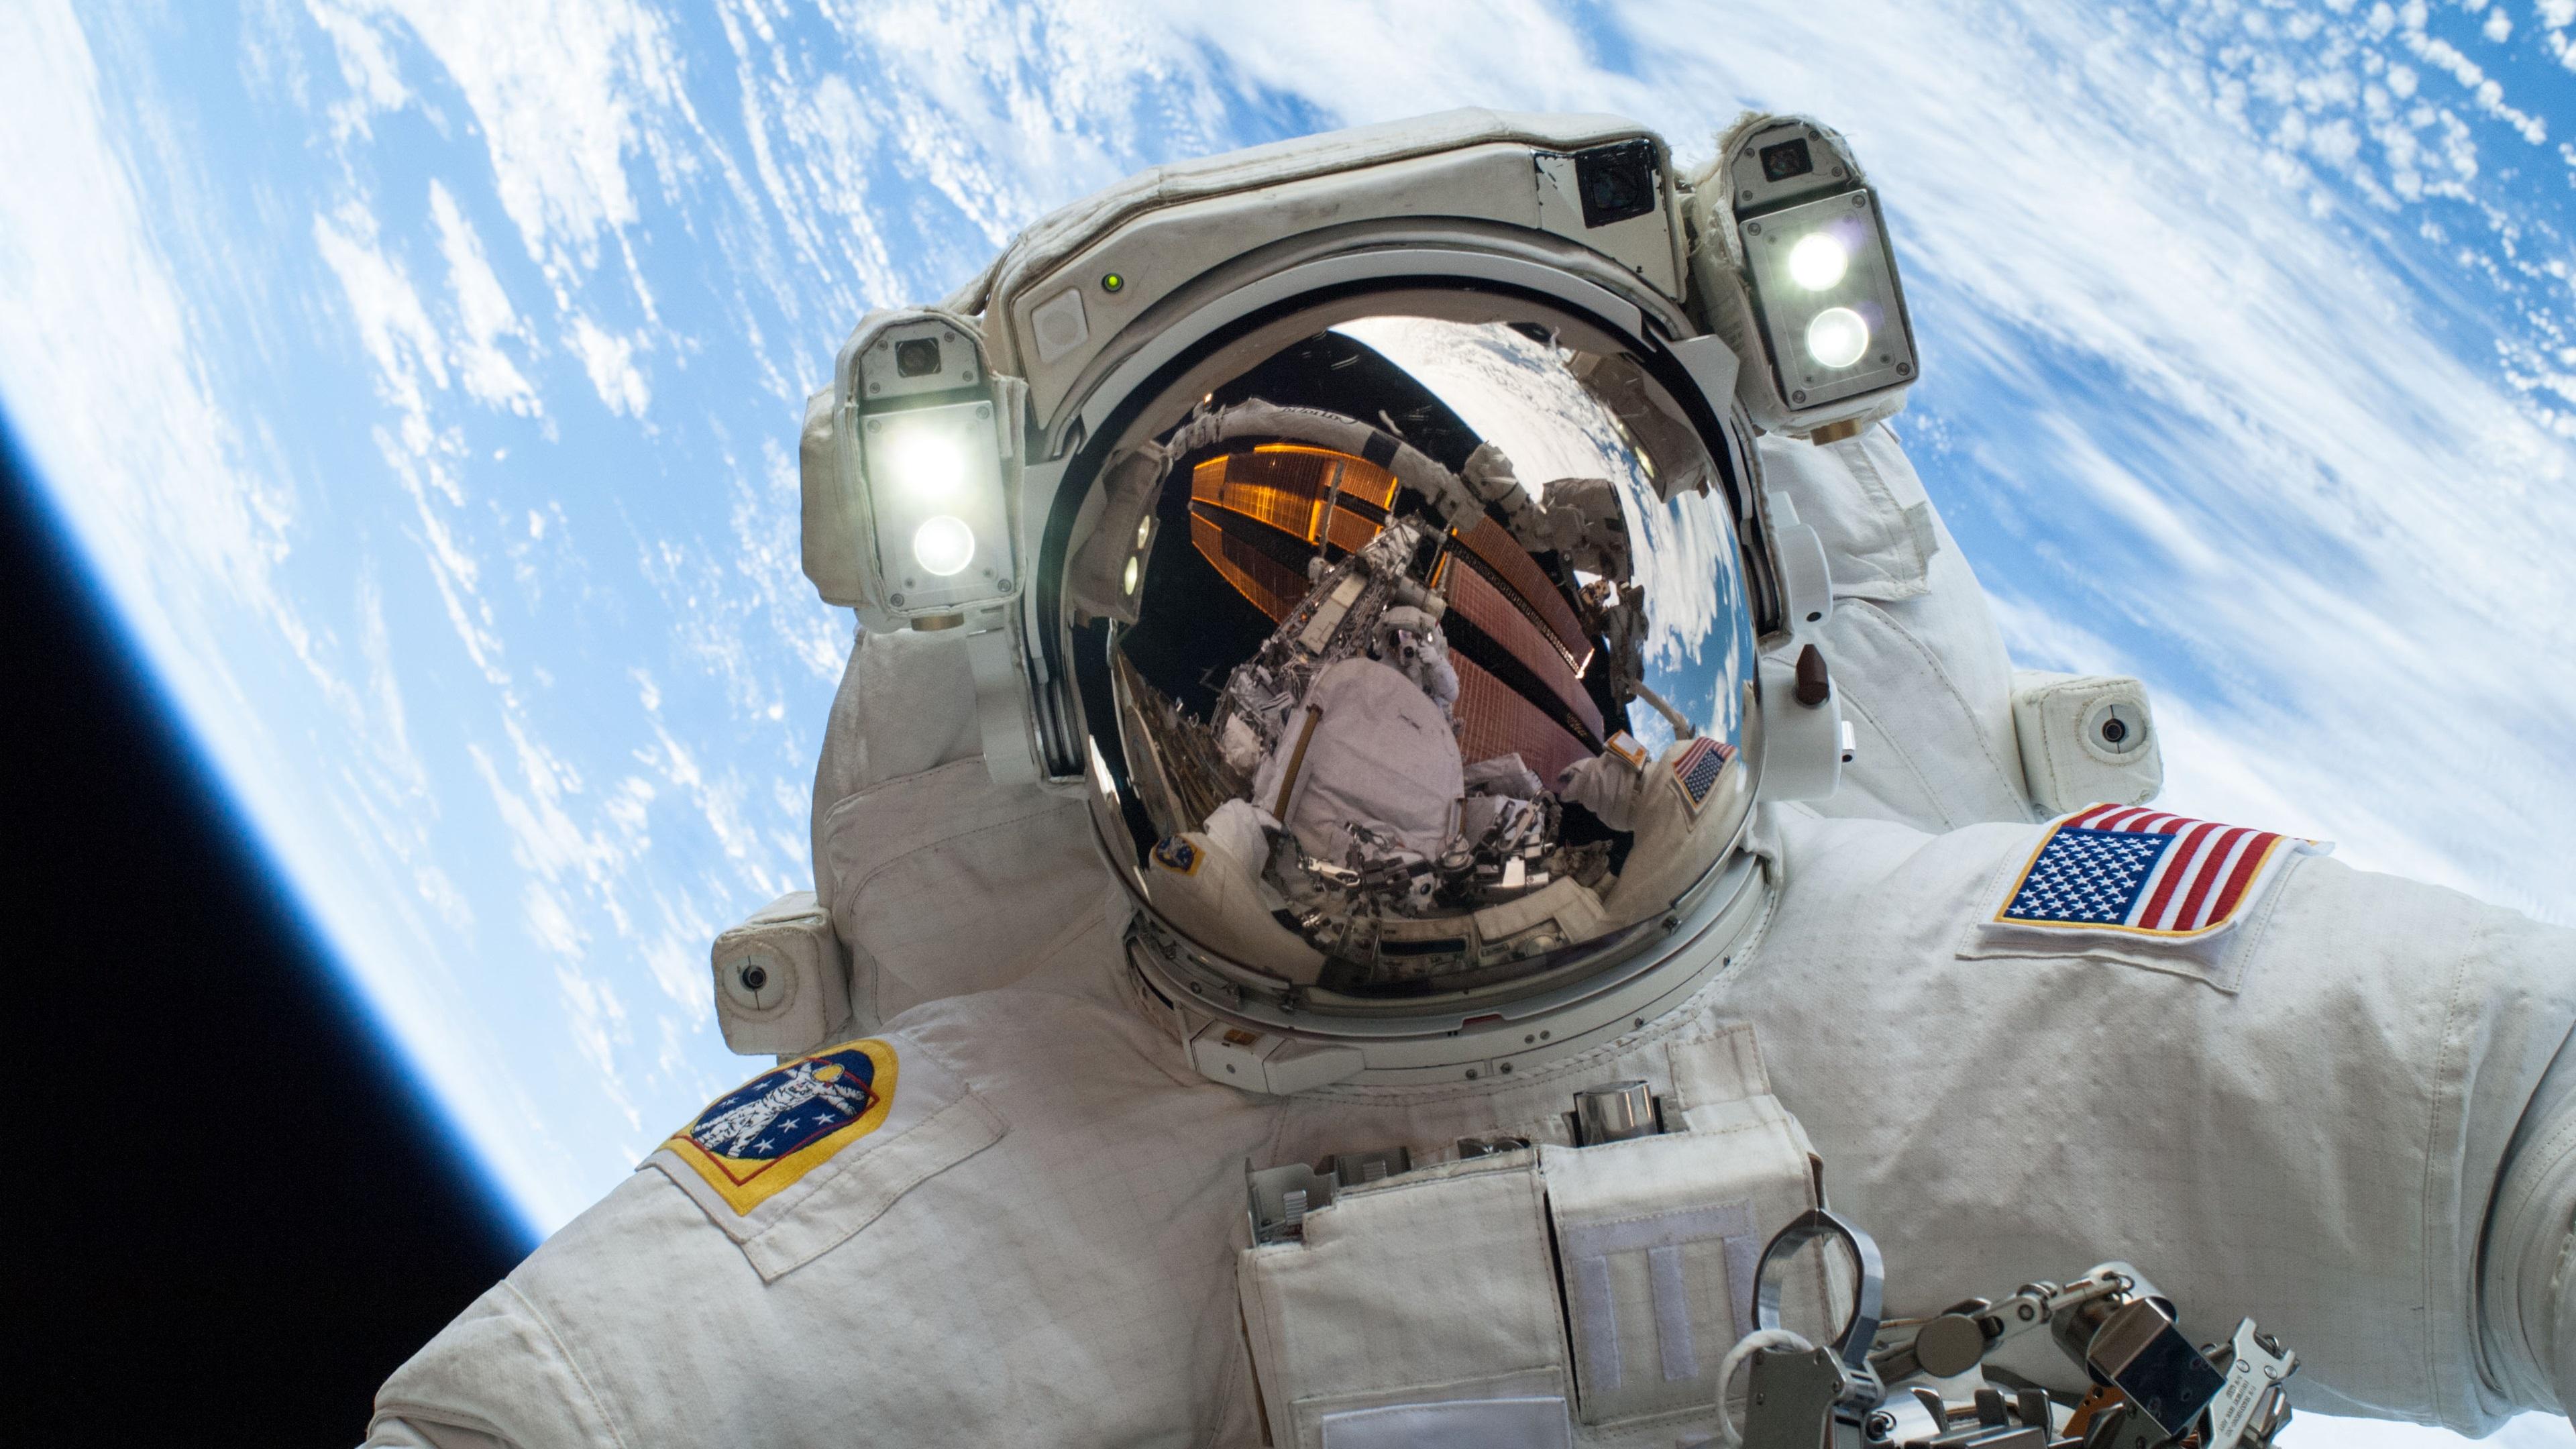 Fondos De Pantalla Astronauta De La Nasa En El Espacio